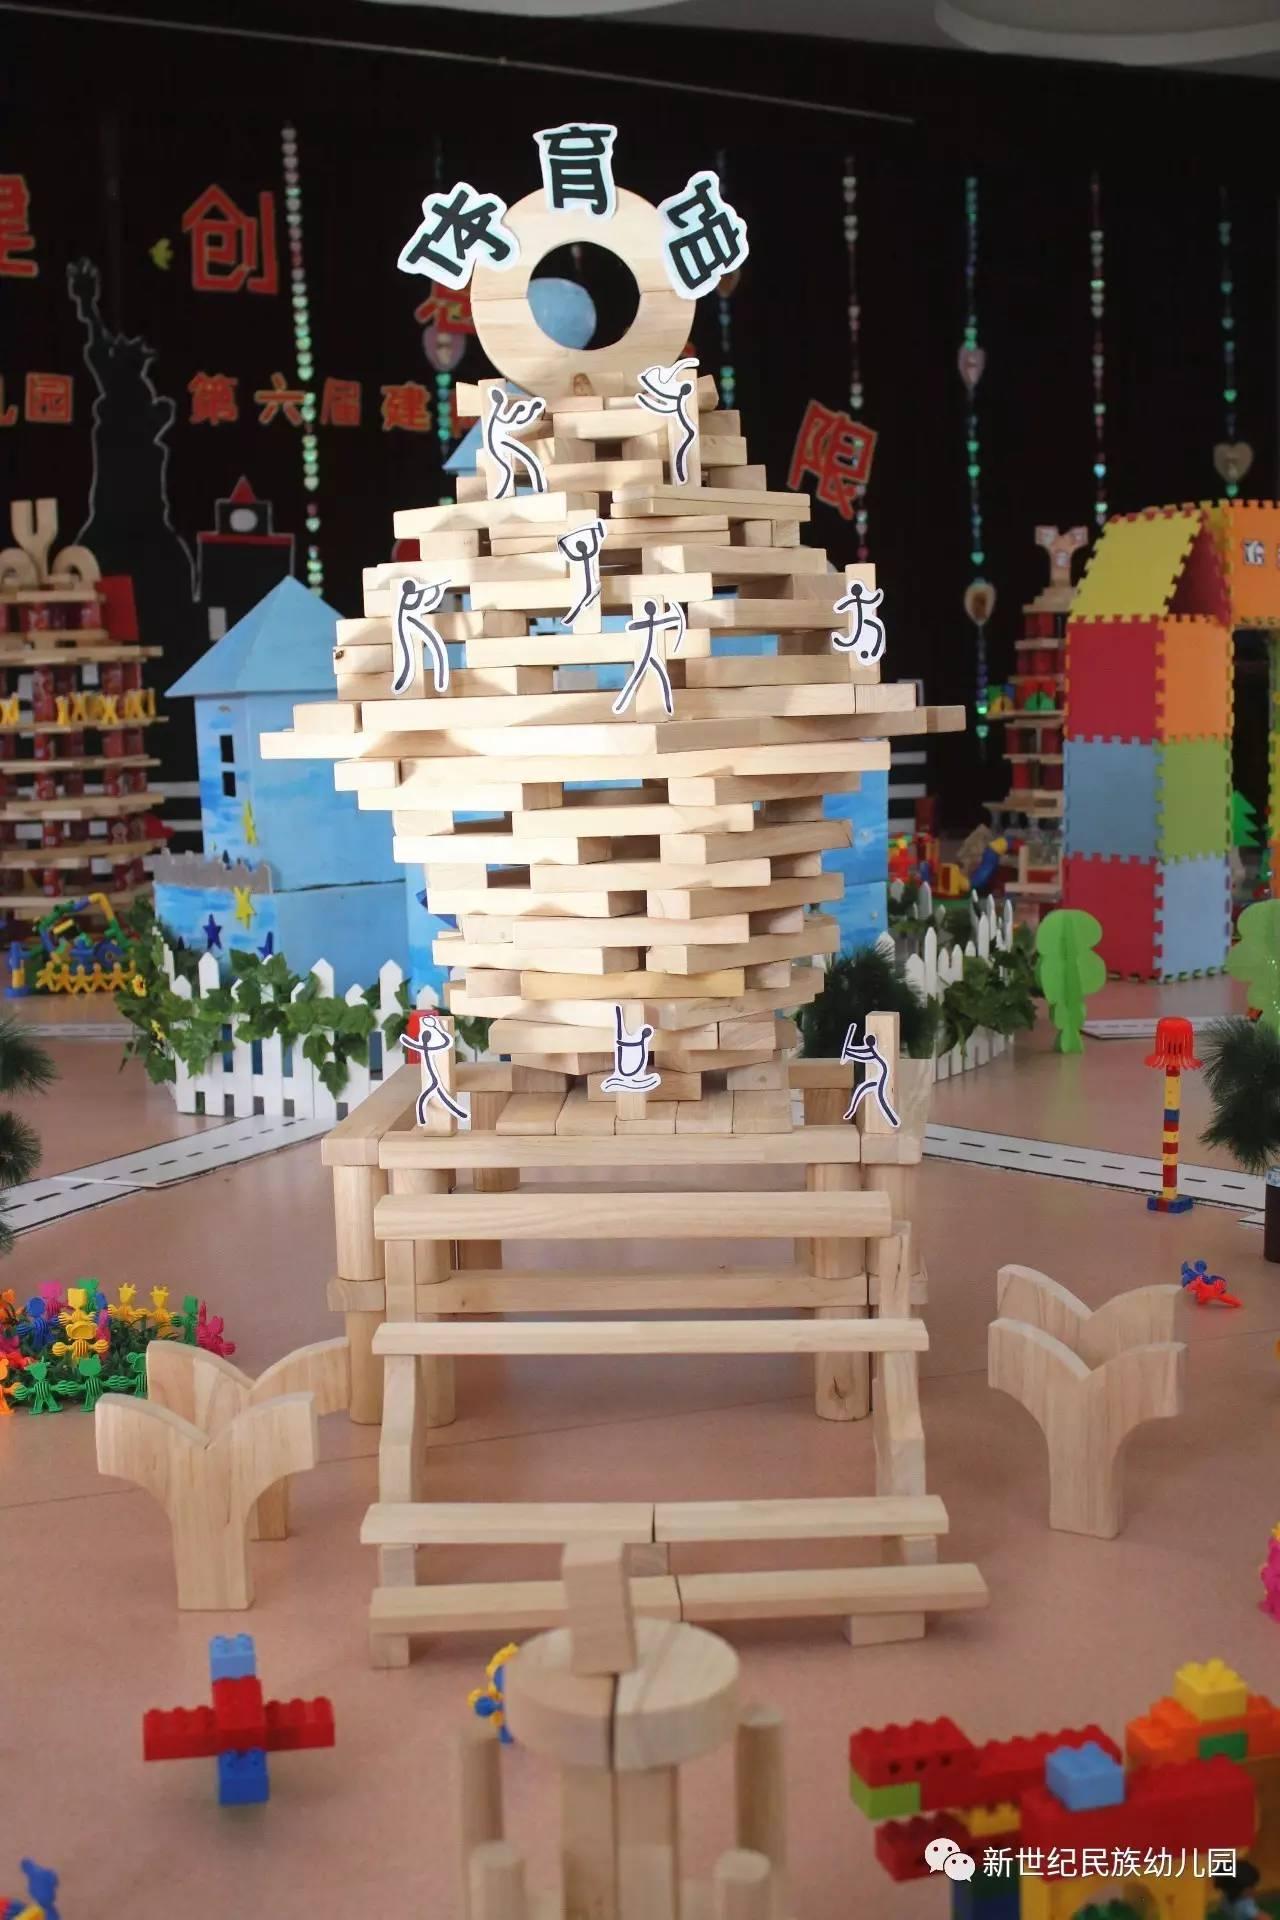 【未来之城】快乐搭建 创意无限——新世纪民族幼儿园